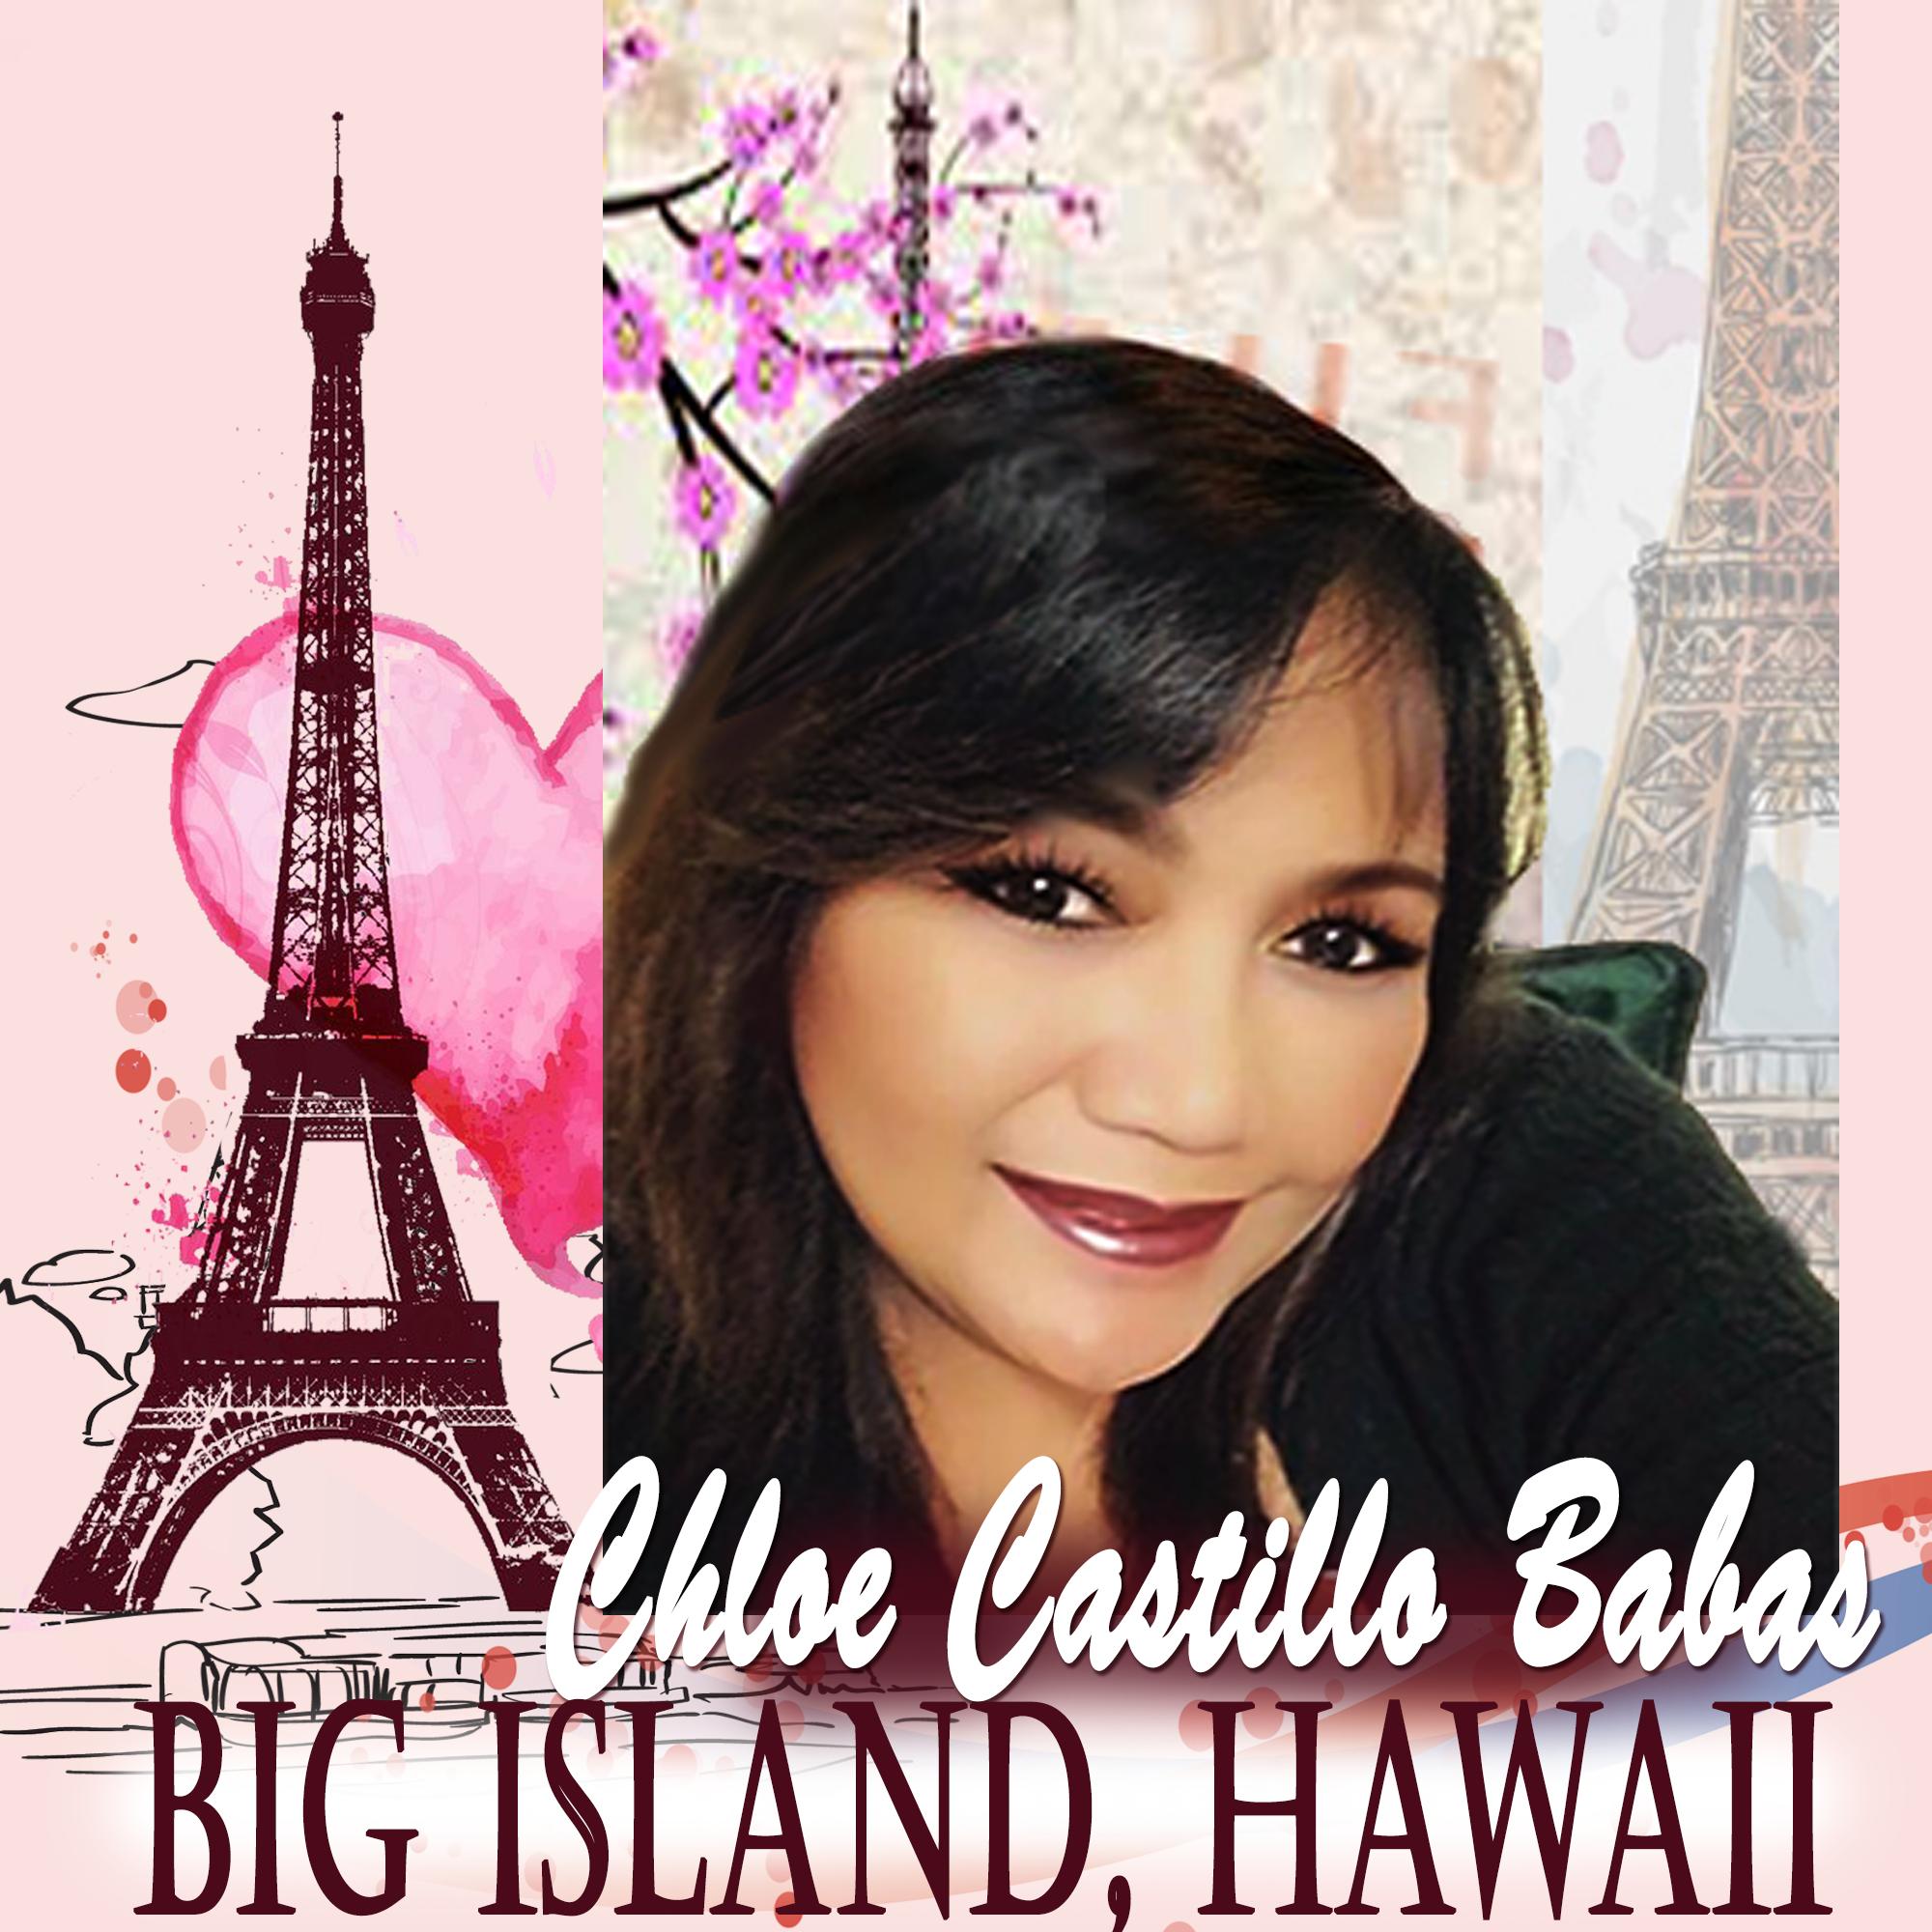 Acti Ambassador Chloe Castillo Babas Hilo Hawaii